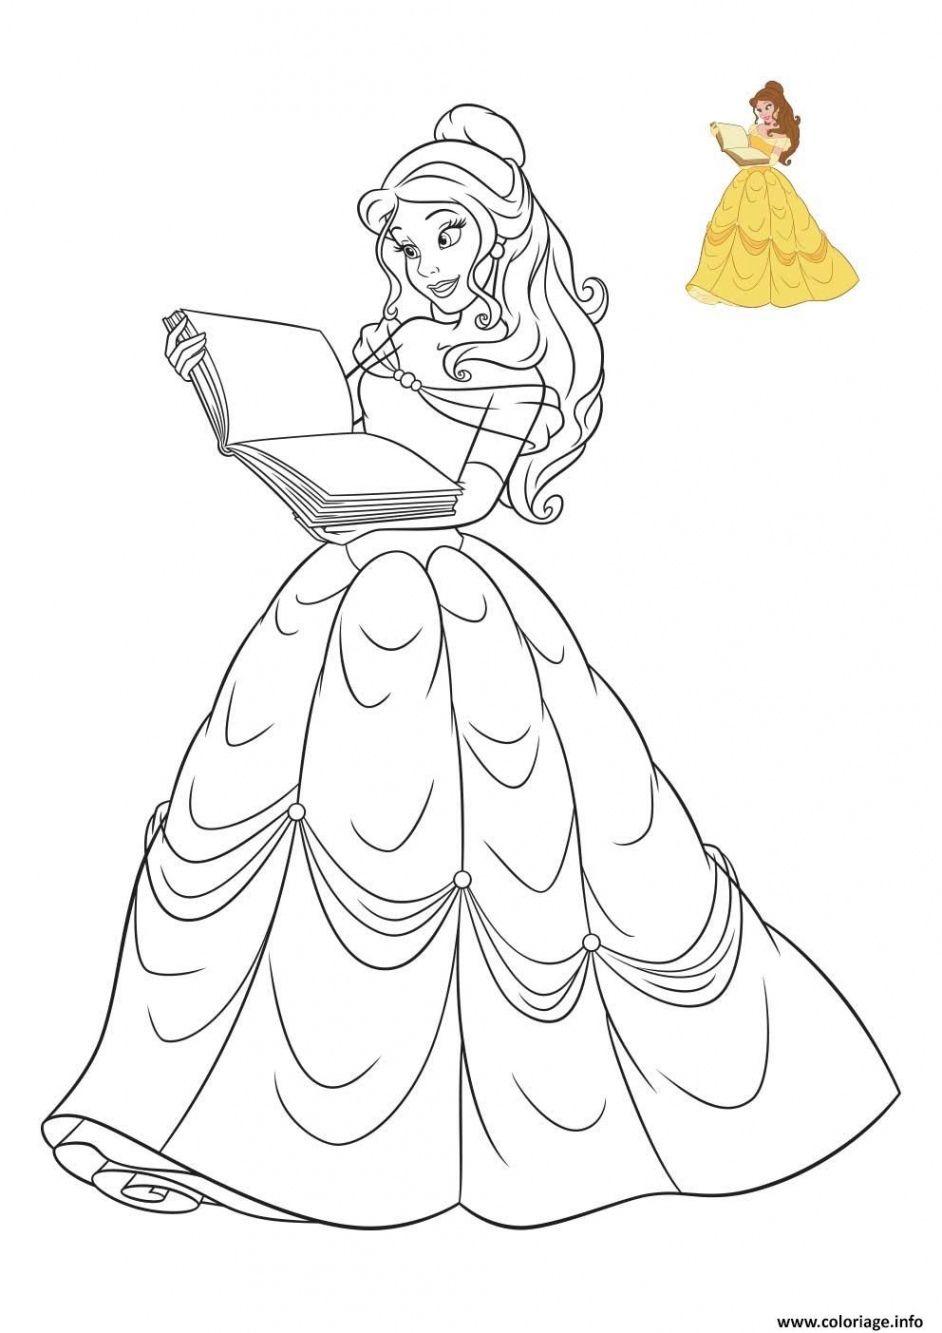 Coloriage Princesse Disney La Belle Et La Bete Dessin Destiné Jeux